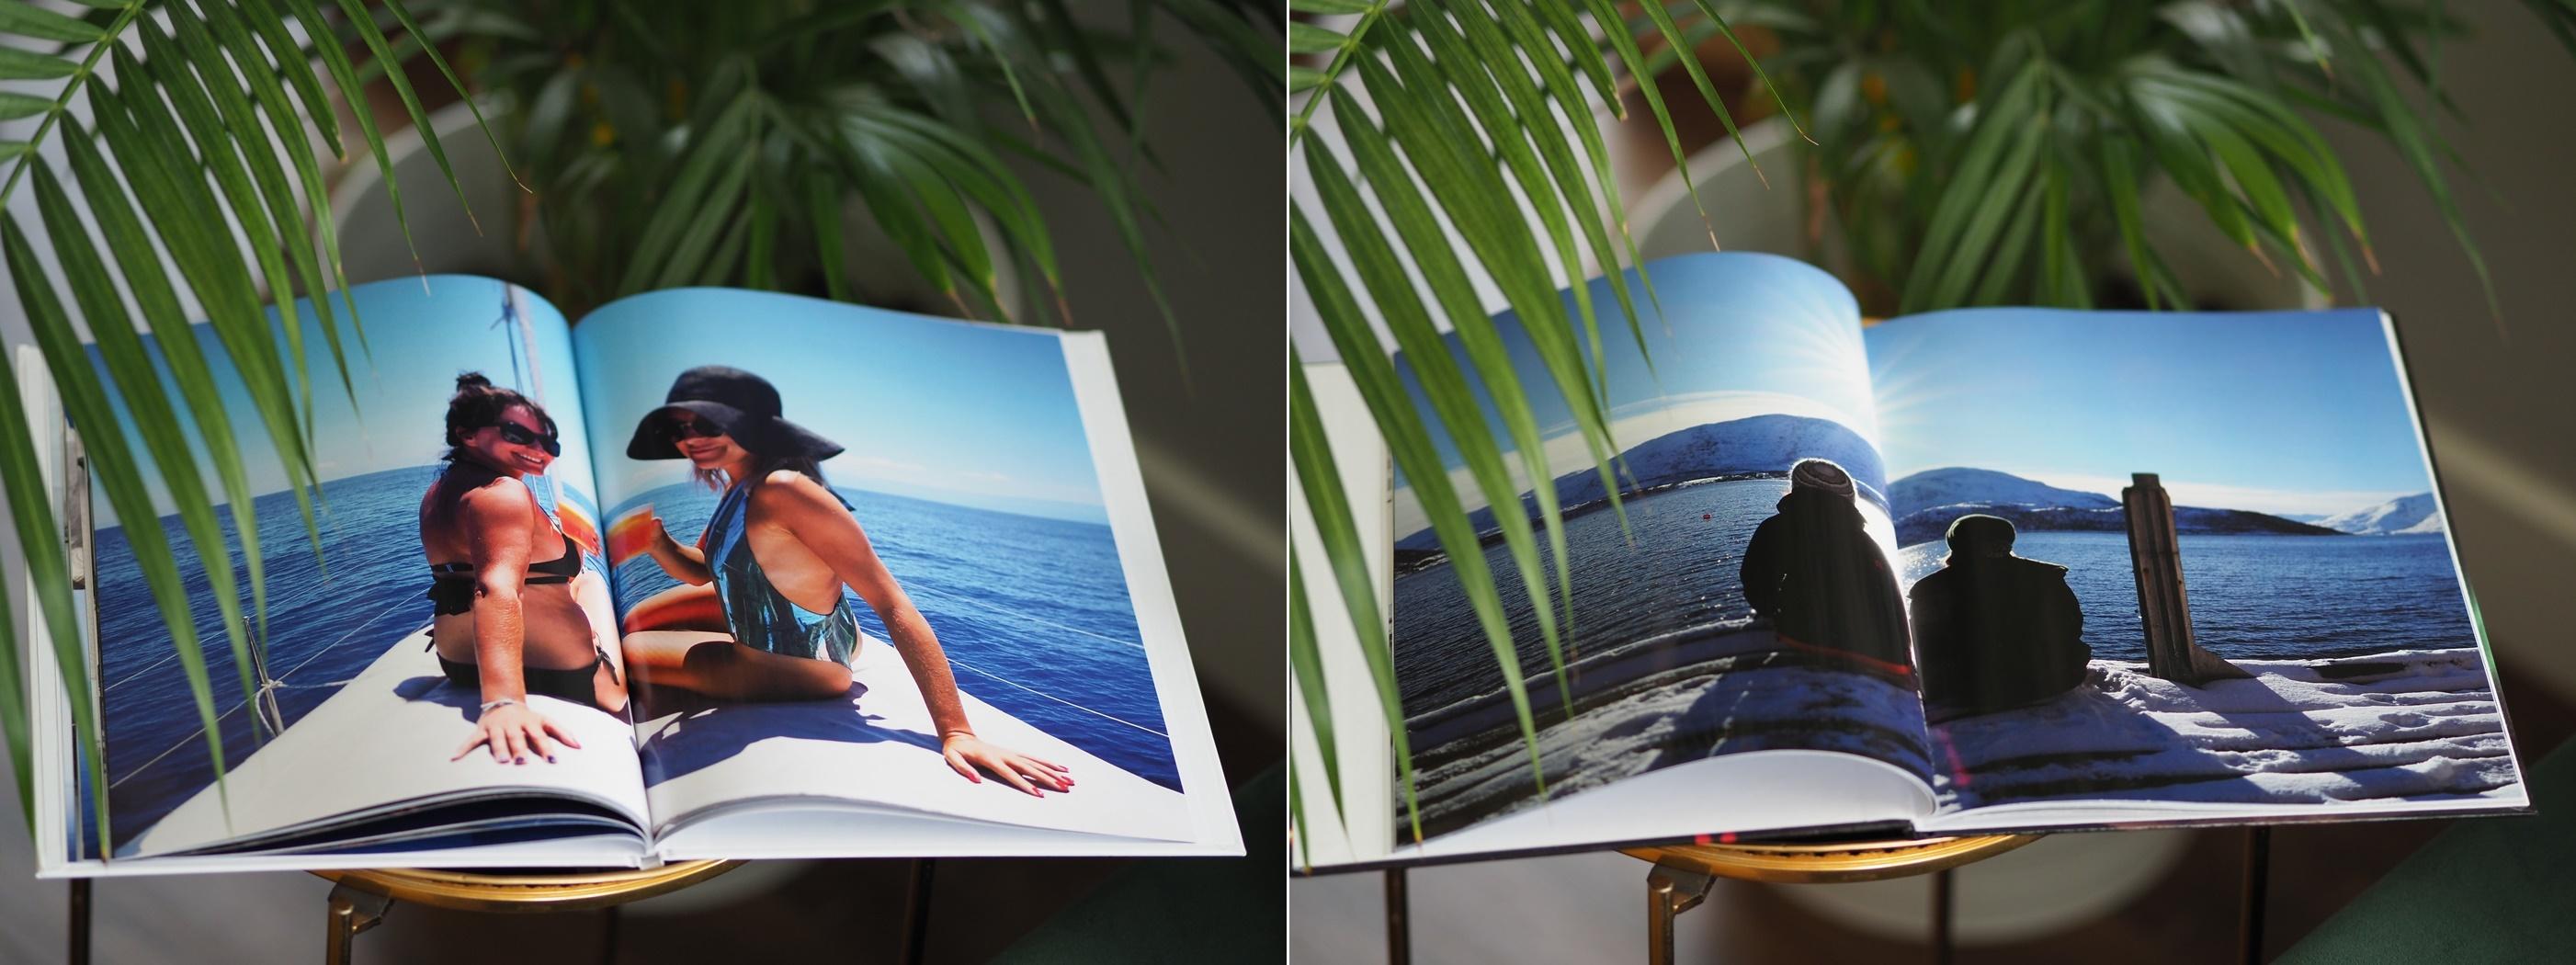 sycylia i norwegia w fotoksiążkach